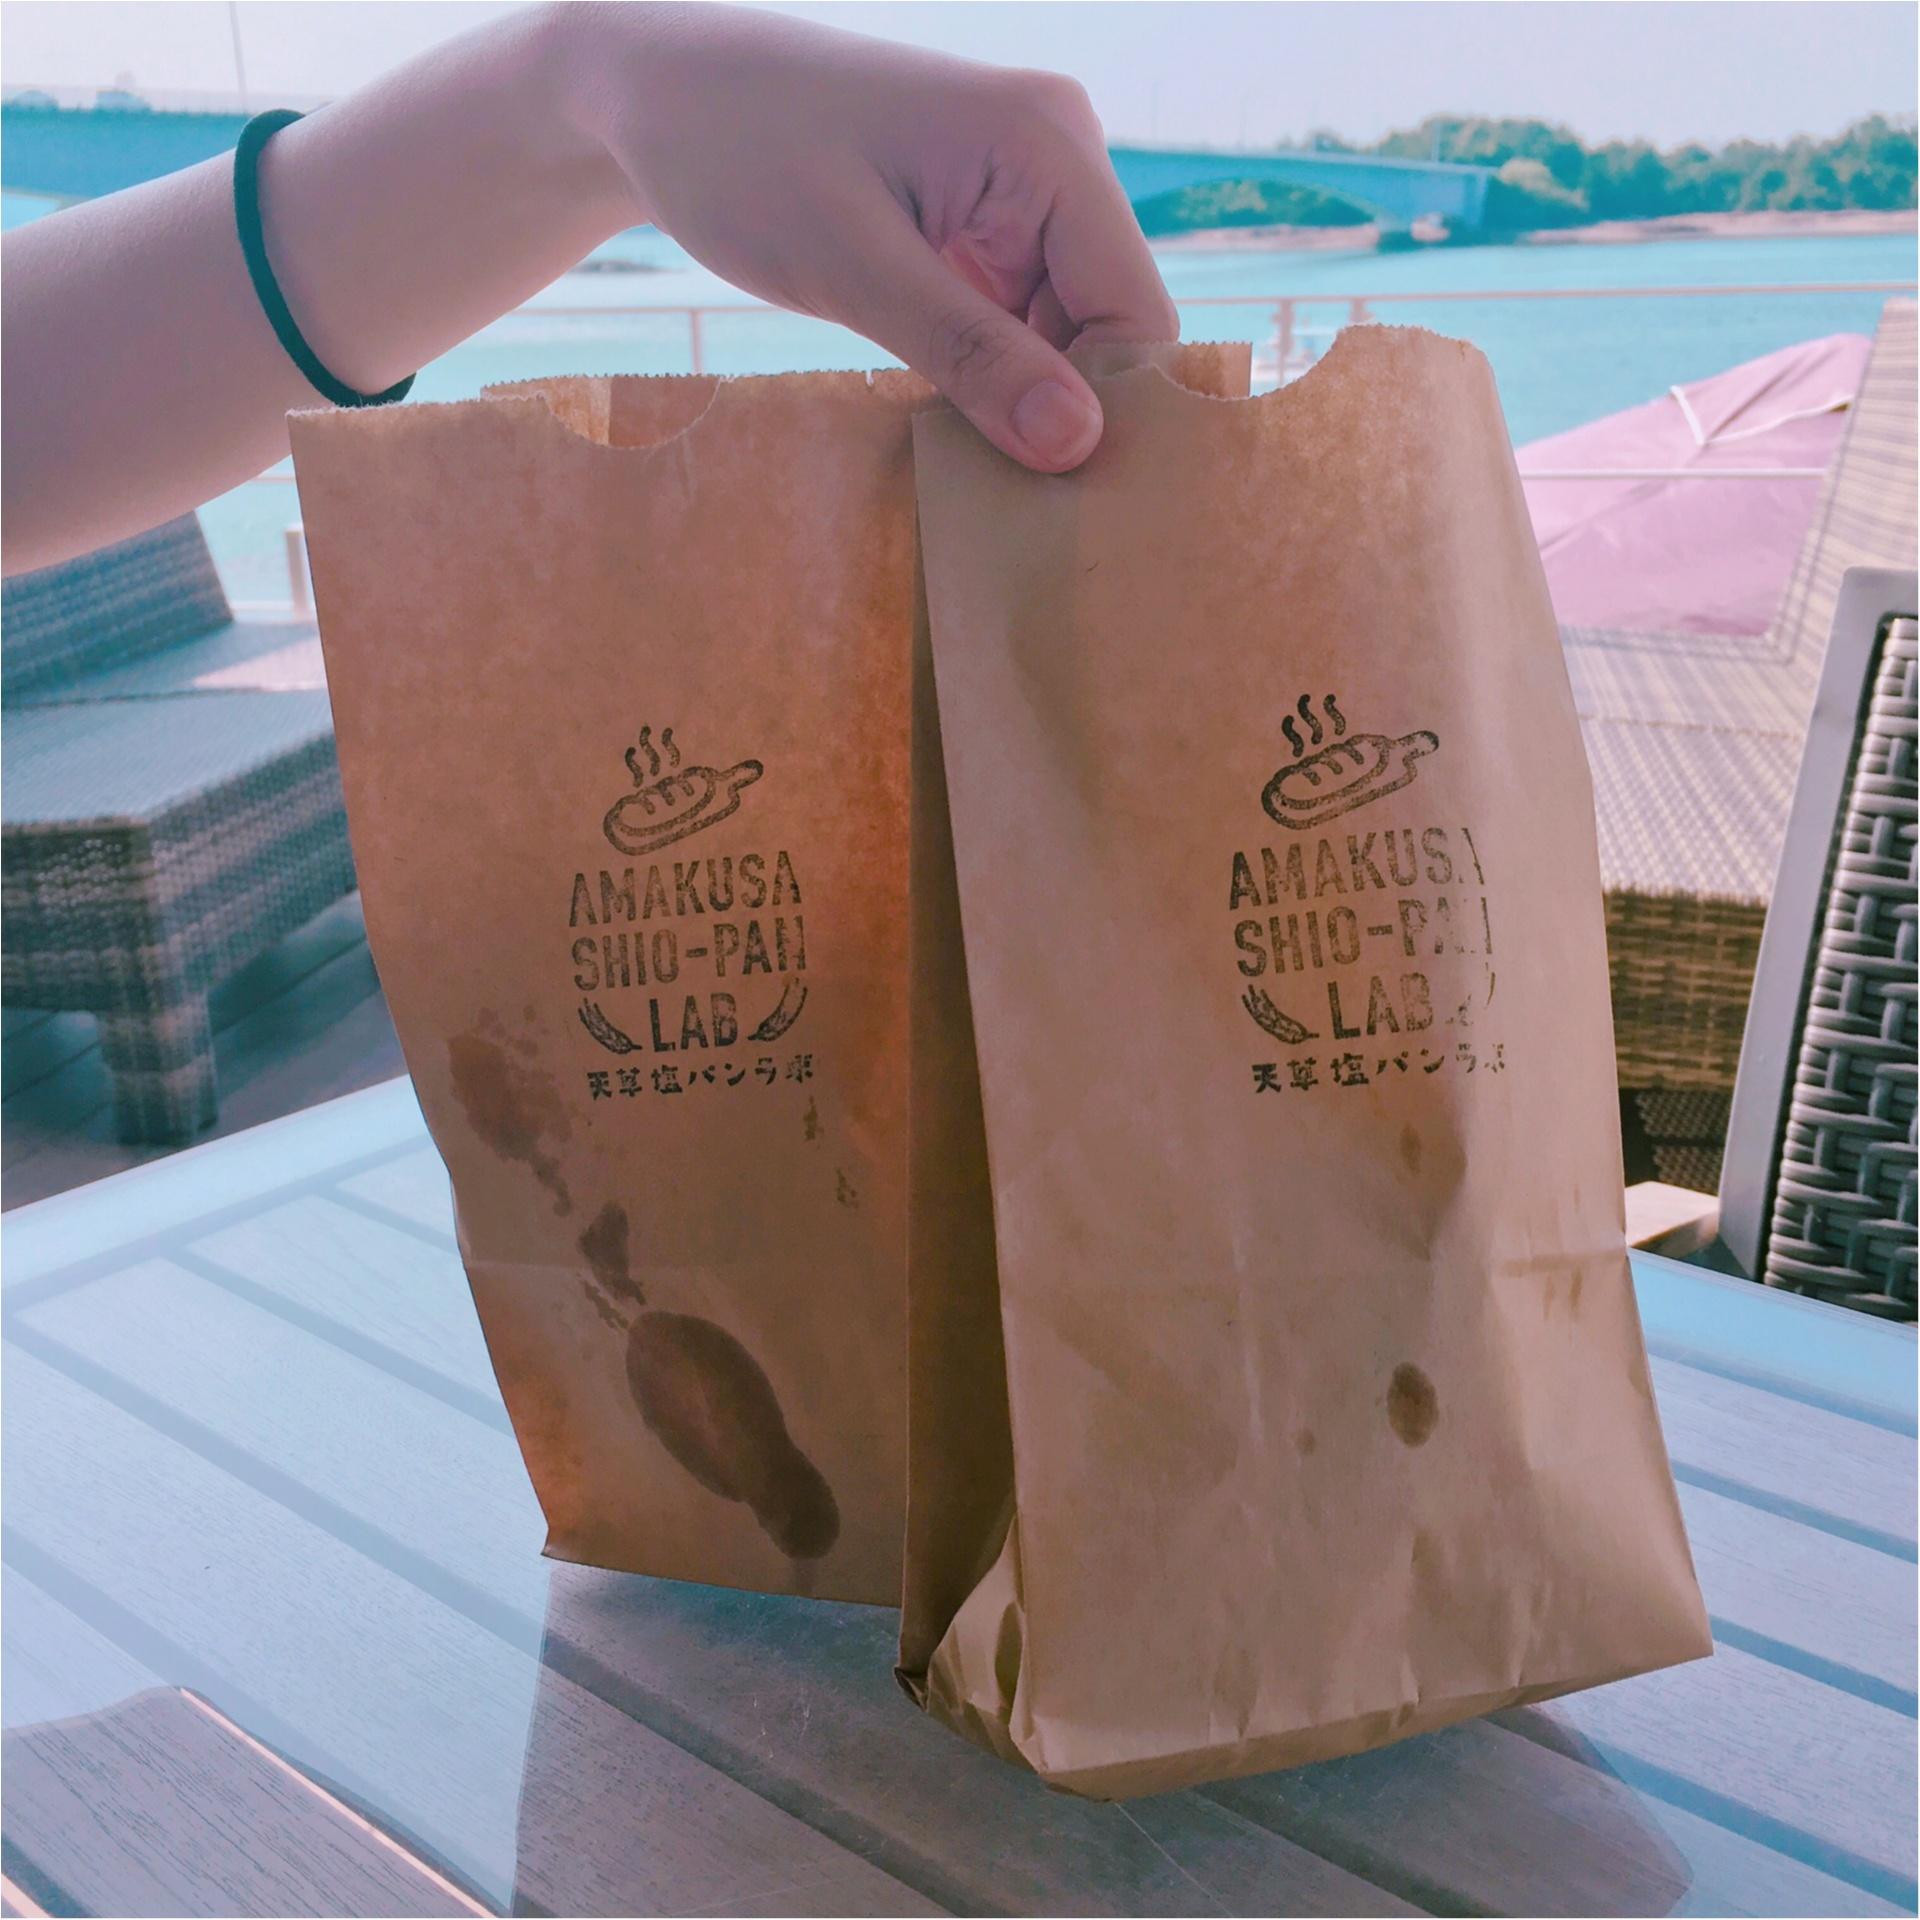 天草で大人気のスポット&絶品塩パン、教えちゃいます!【#モアチャレ 熊本の魅力発信!】_4